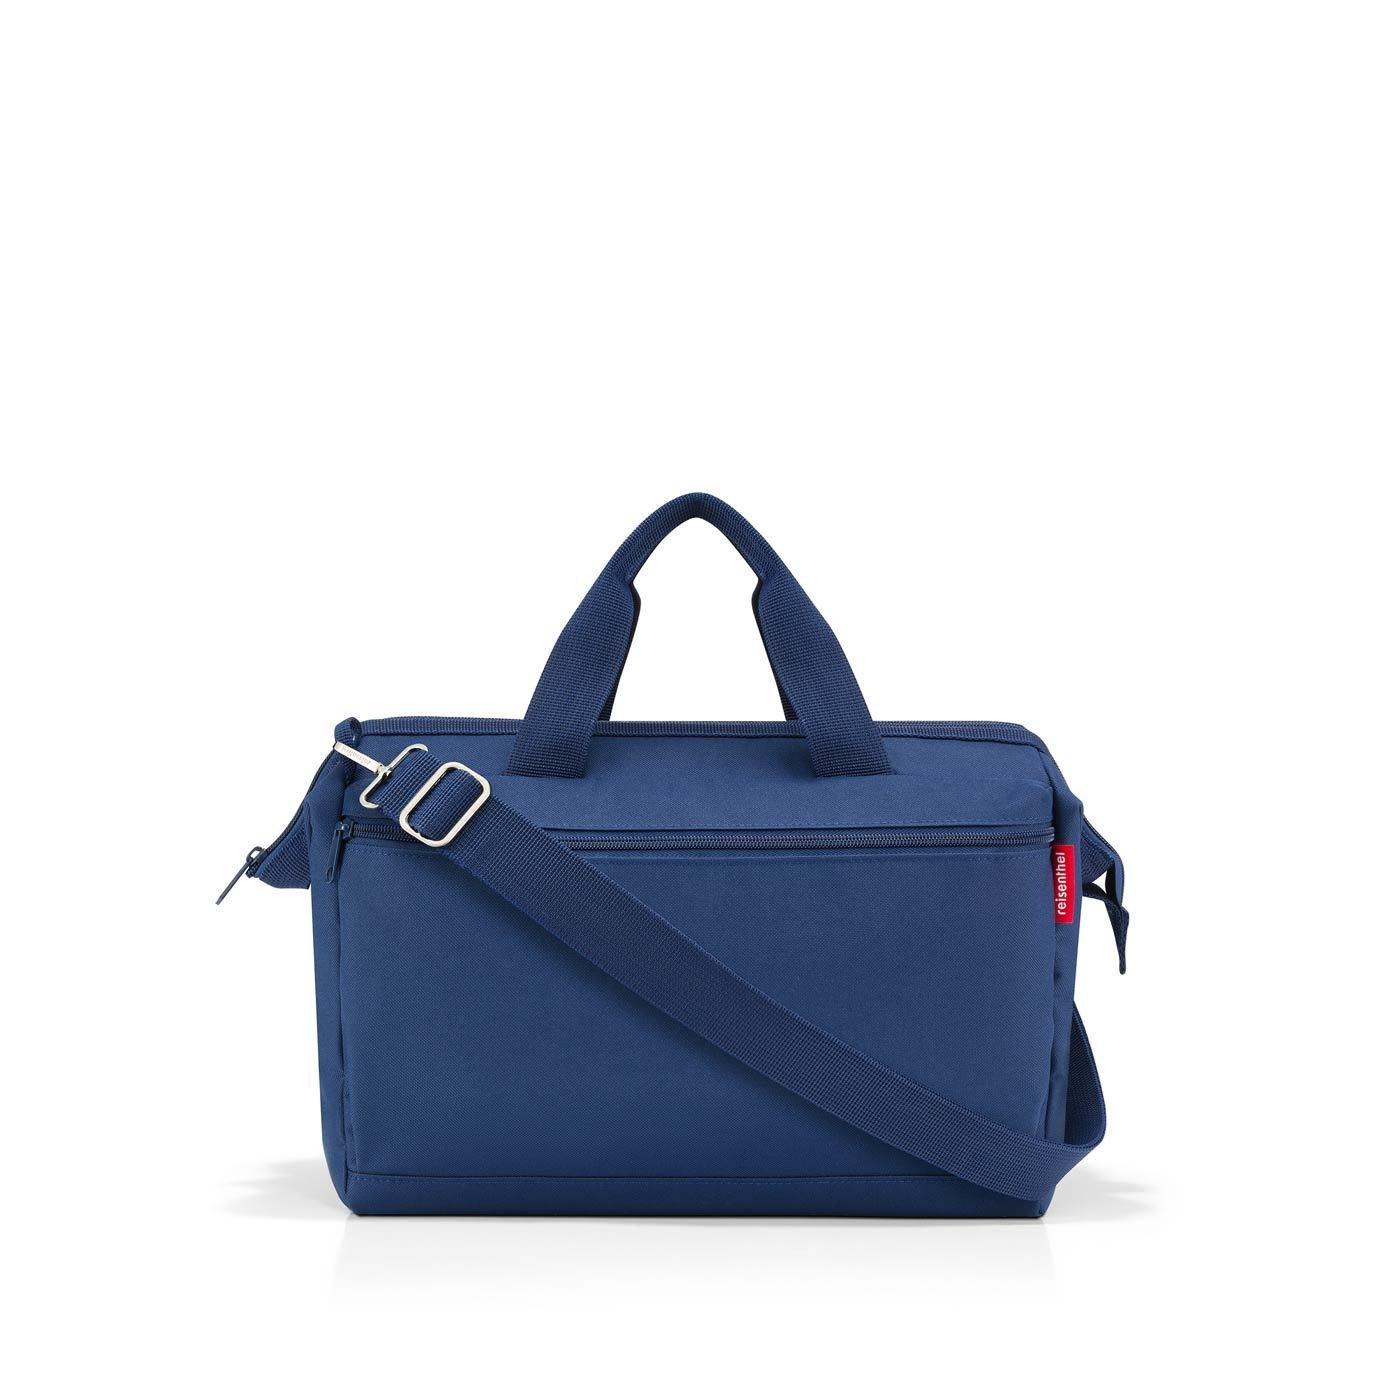 Cestovní taška Allrounder S pocket navy_1